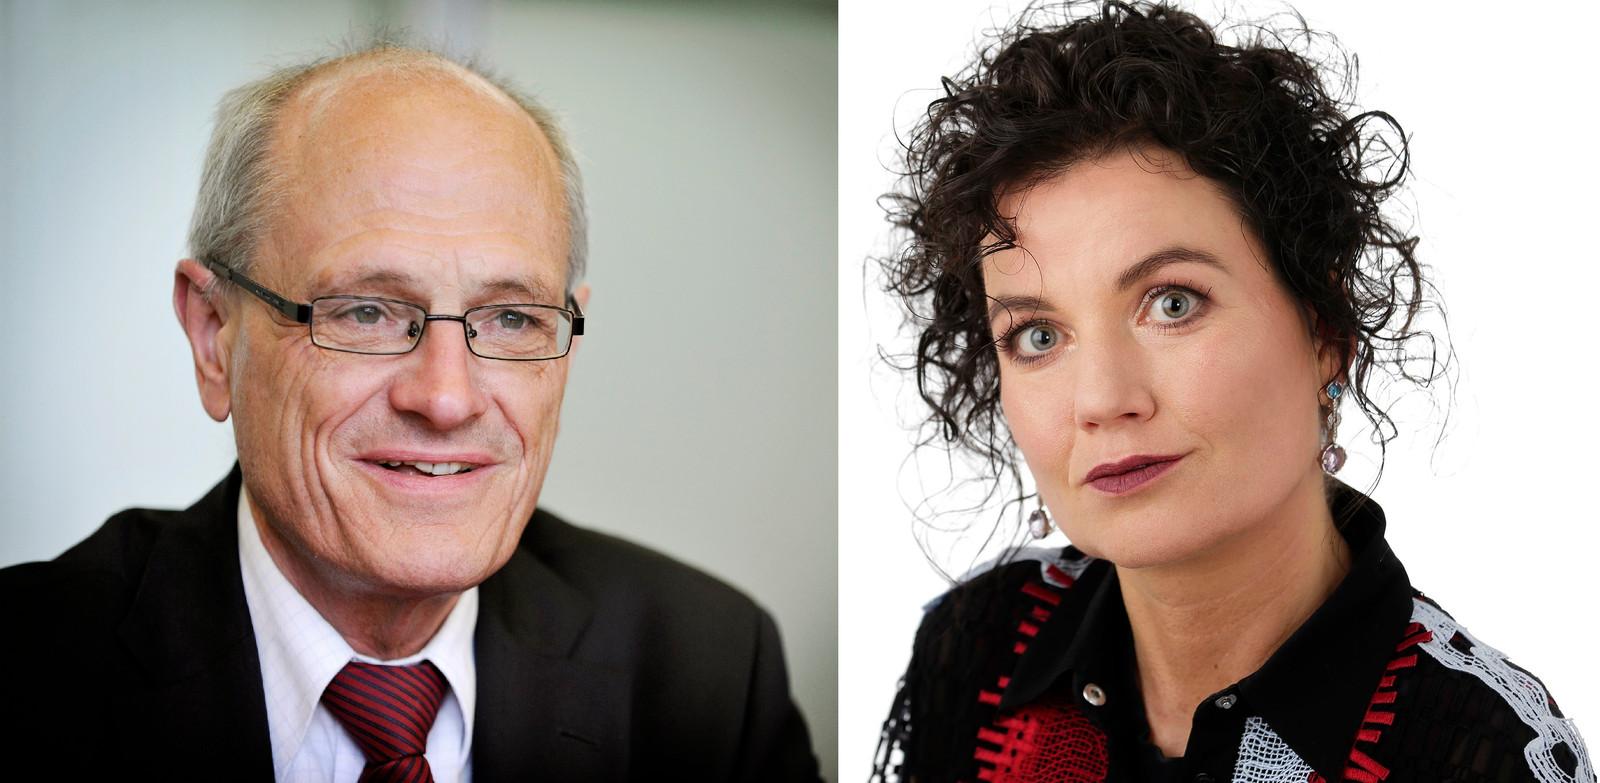 Opmerkelijk in de rechtszaak van donderdag: Gerard Sanderinks (l) geliefde Rian van Rijbroek (r) werd openlijk genoemd als oorzaak van alle problemen.